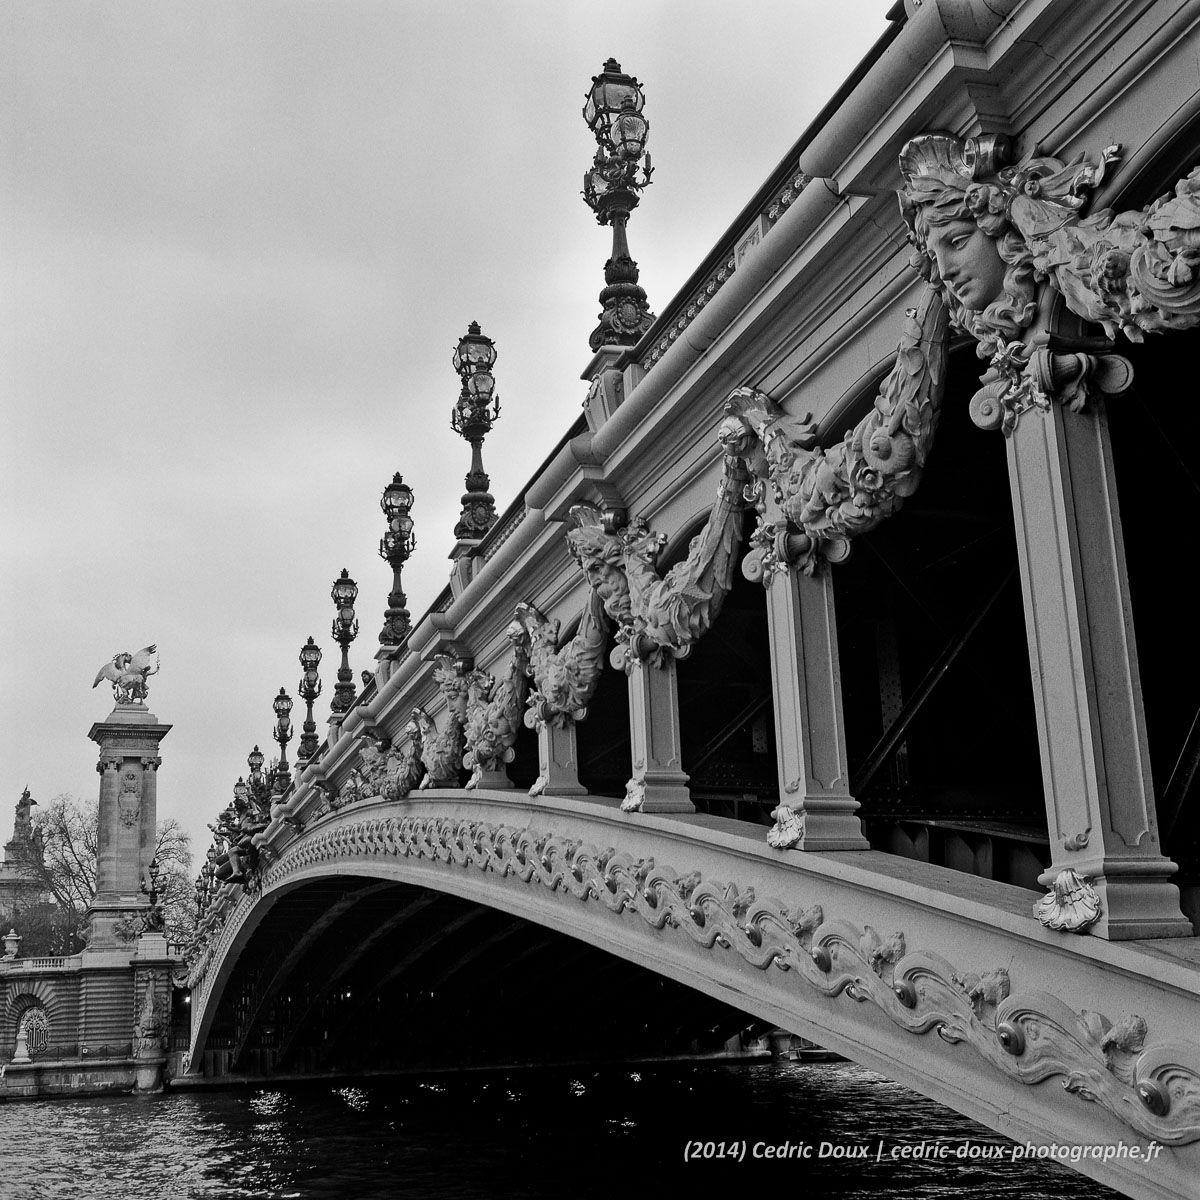 Photo D Art En Noir Et Blanc Du Pont Alexandre Iii A Paris Paysage Noir Et Blanc Noir Et Blanc Photo Noir Et Blanc Paysage